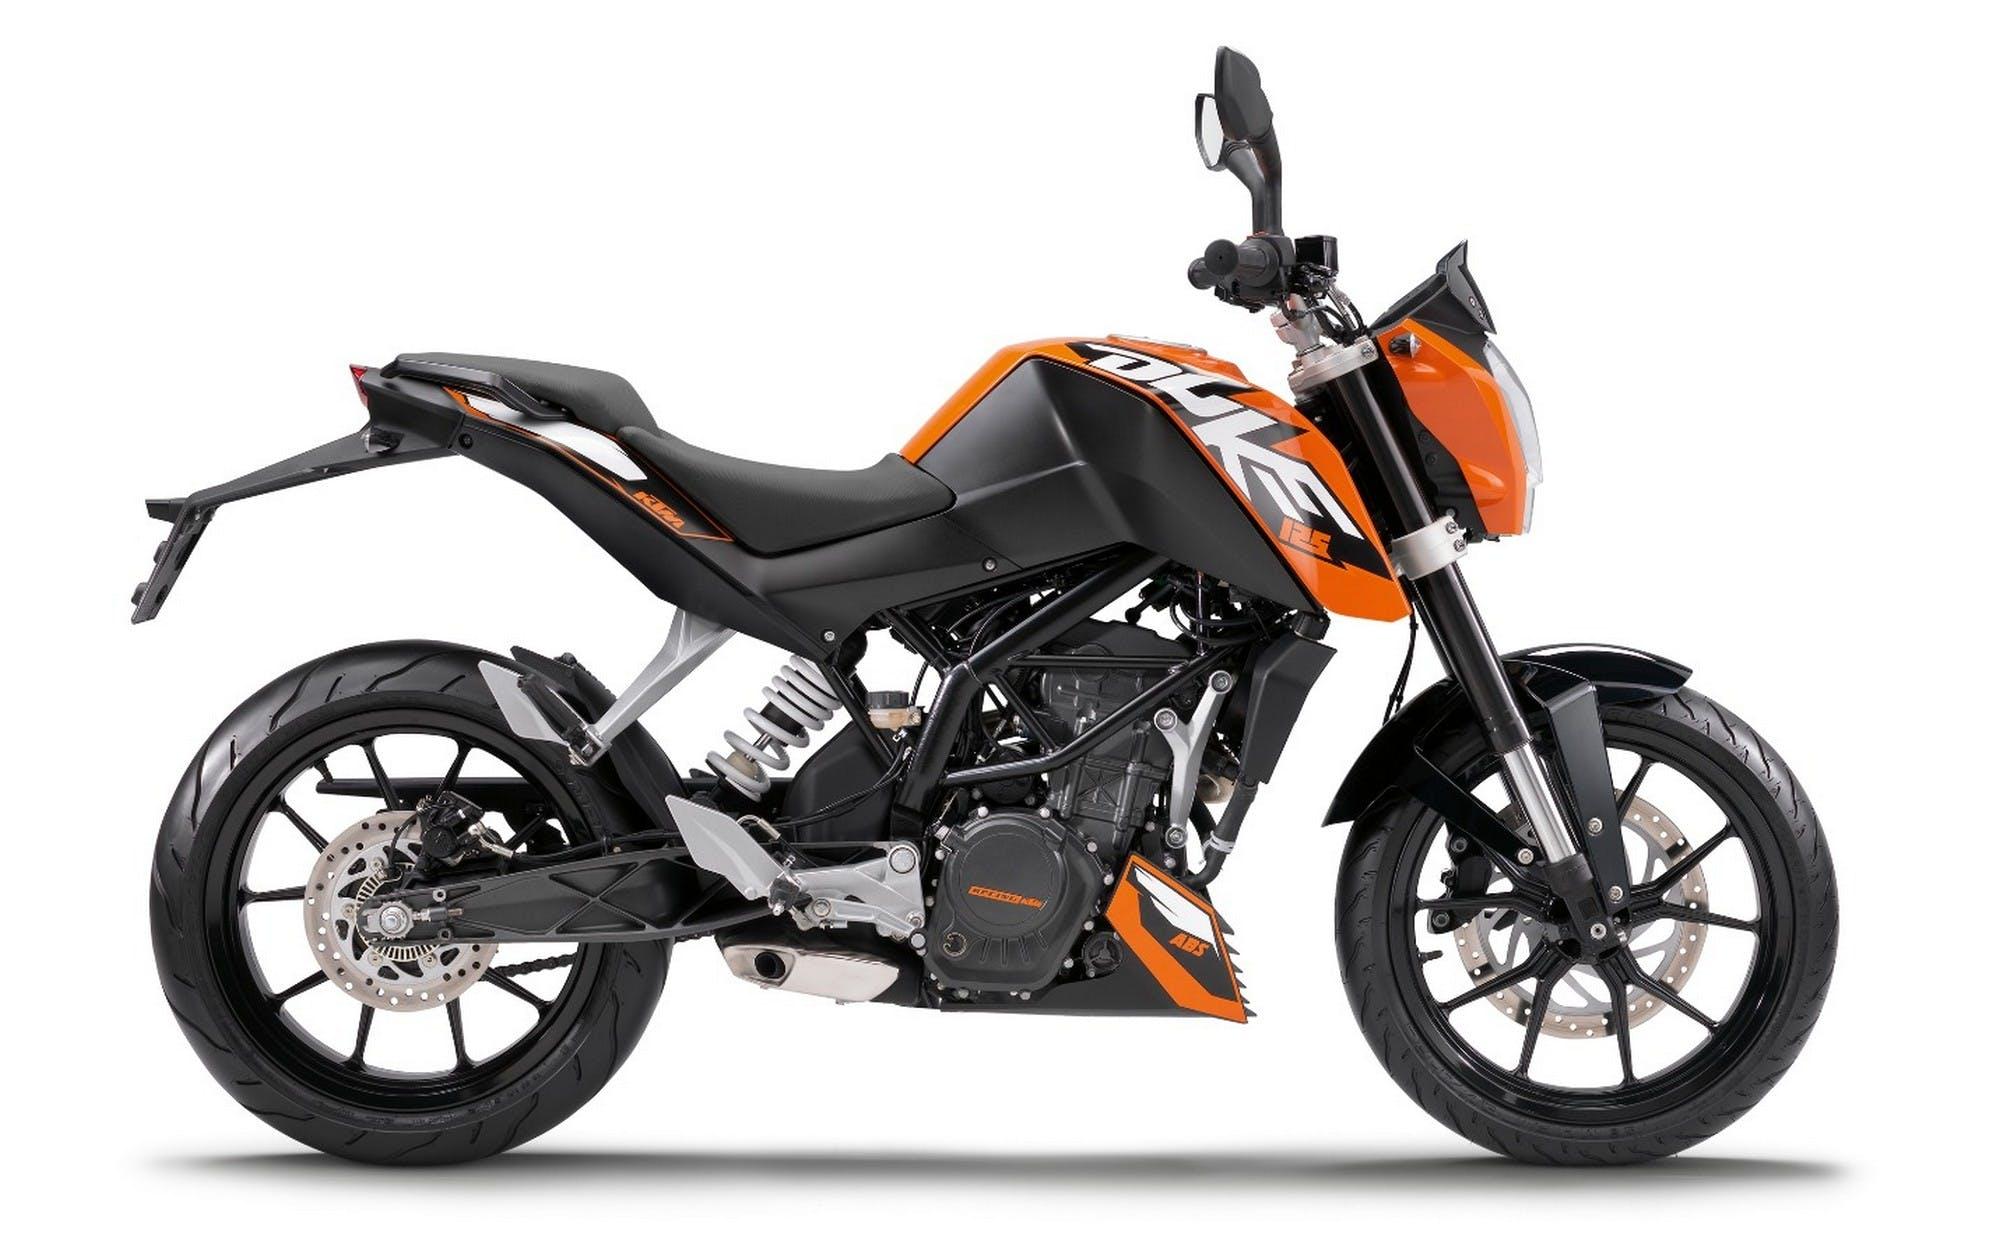 Le migliori moto 125 presentate a EICMA 2019 - Pagina 2 di